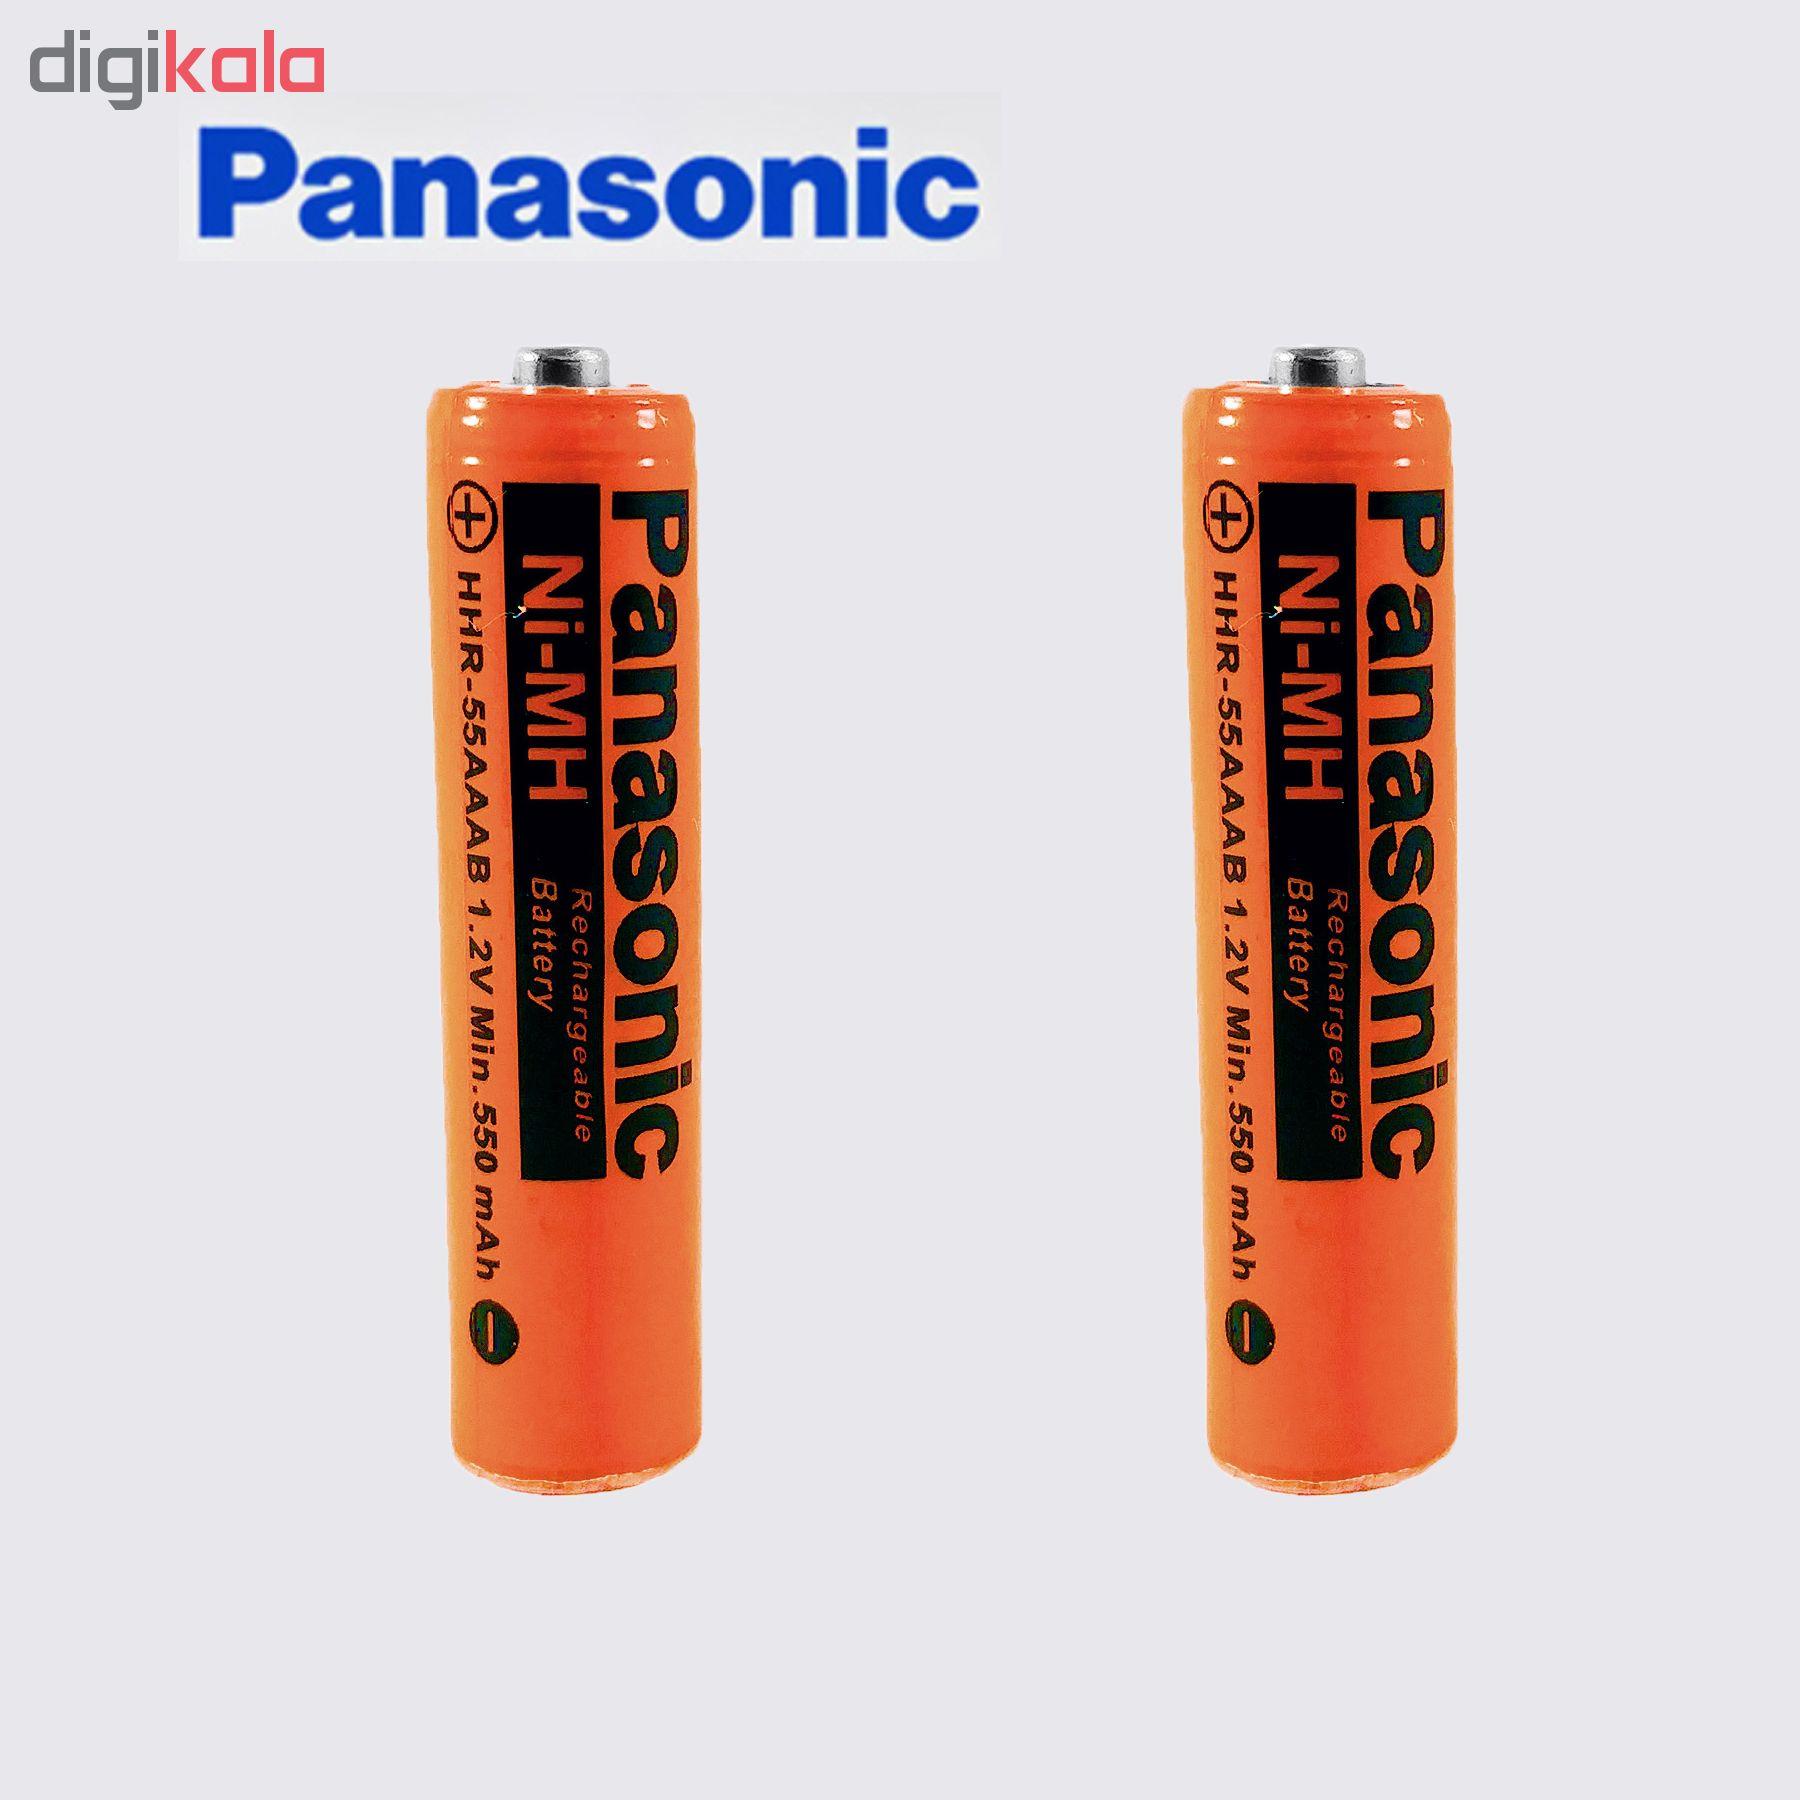 خرید اینترنتی                     باتری نیم قلمی قابل شارژ پاناسونیک مدل HHR-550  بسته 2 عددی